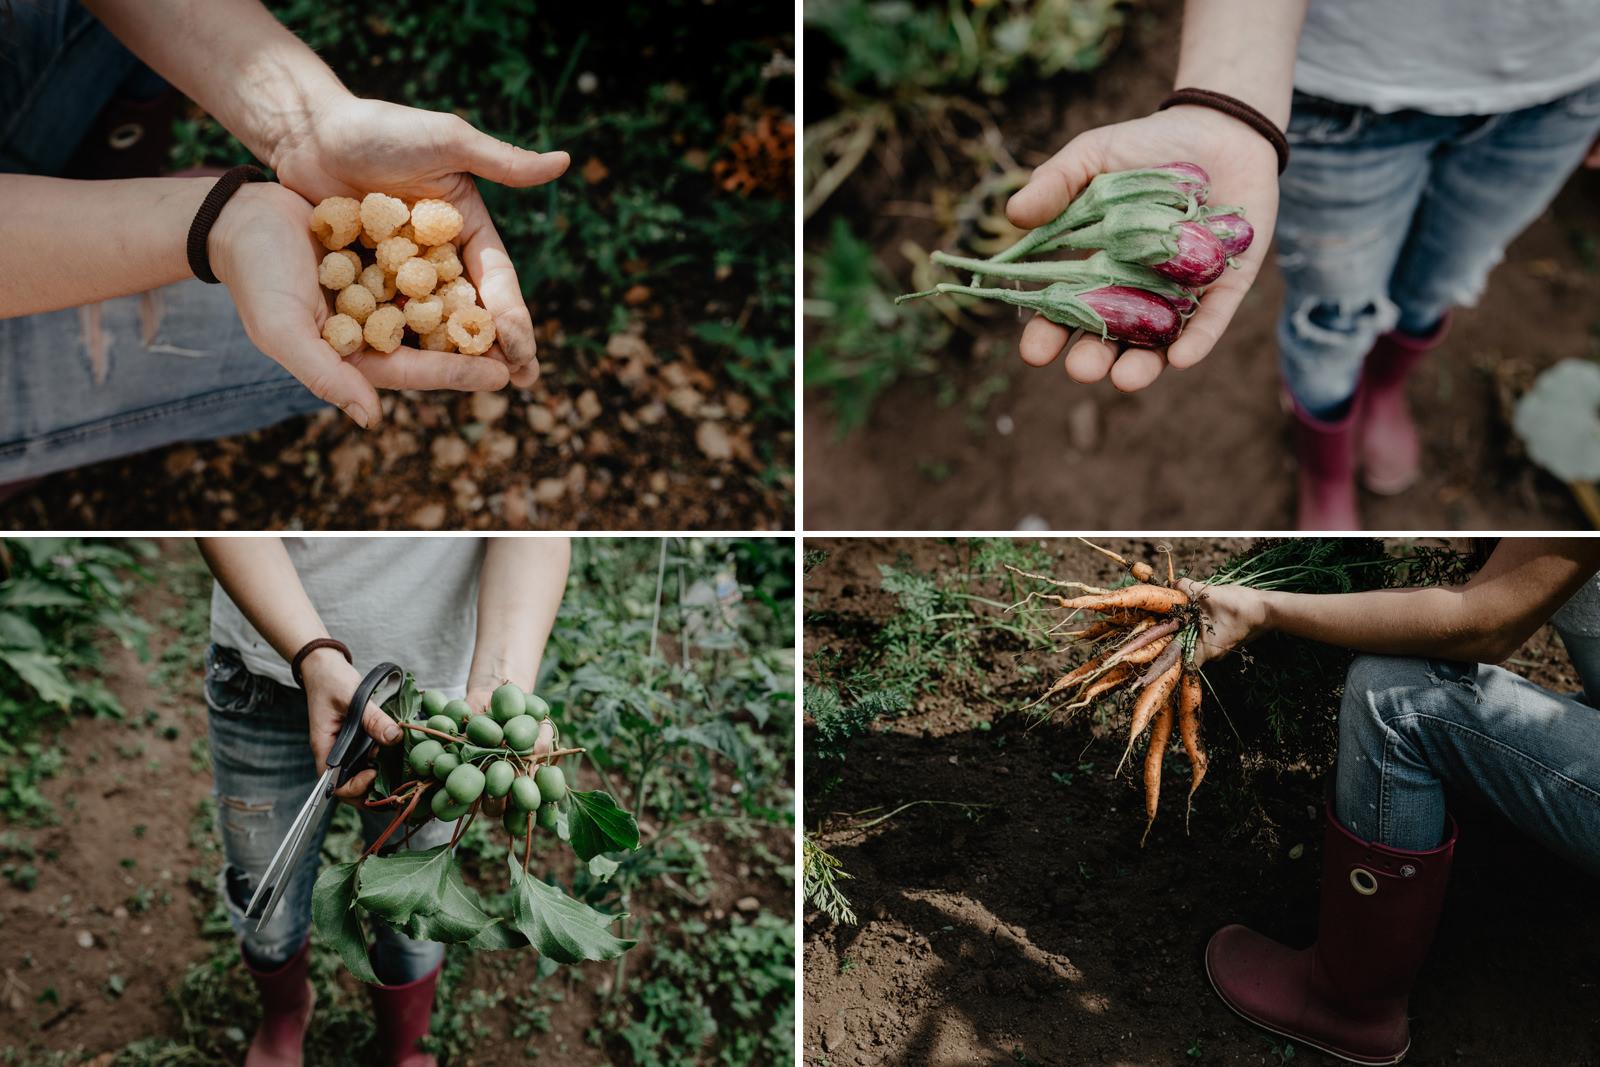 Parte de la cesta de la compra: frambuesas, miniberenjenas, 'kiwiños' y zanahorias.